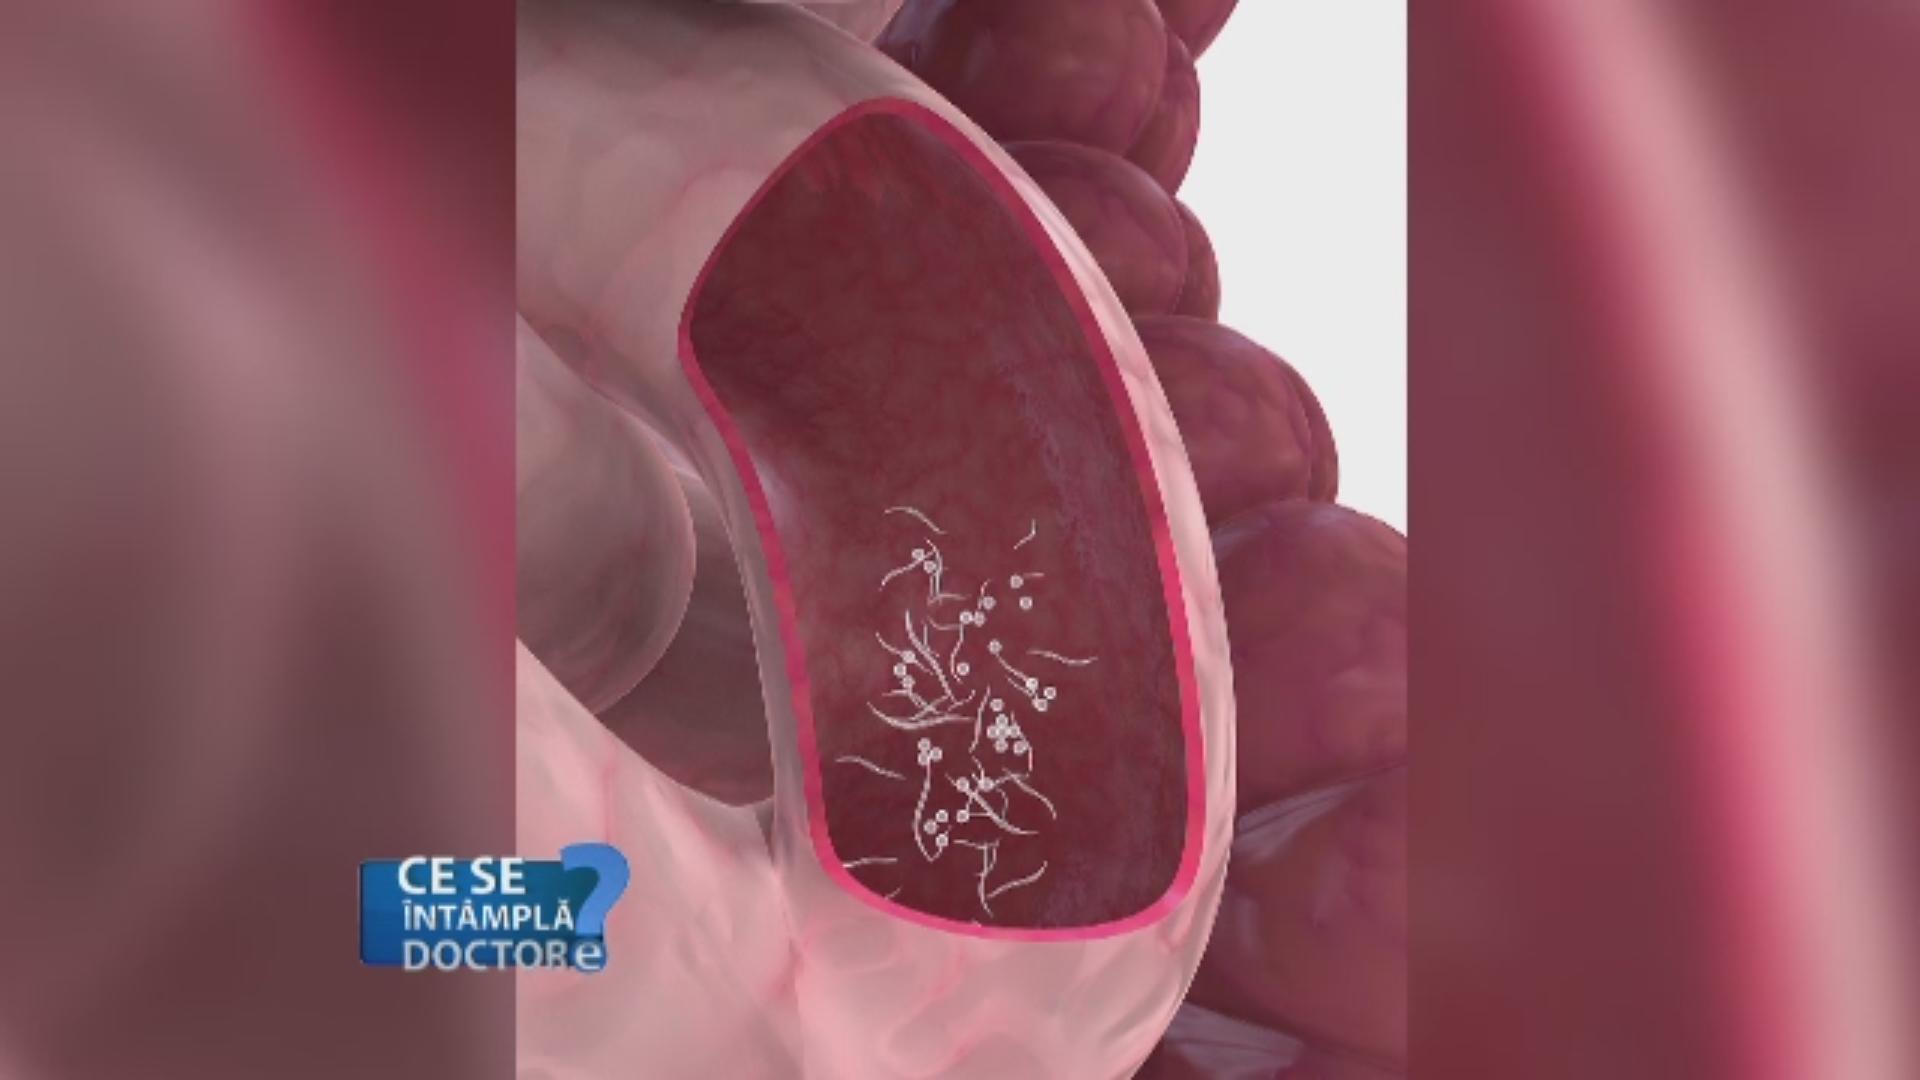 prevenirea bolilor helmintice pot apare verucile genitale din nou